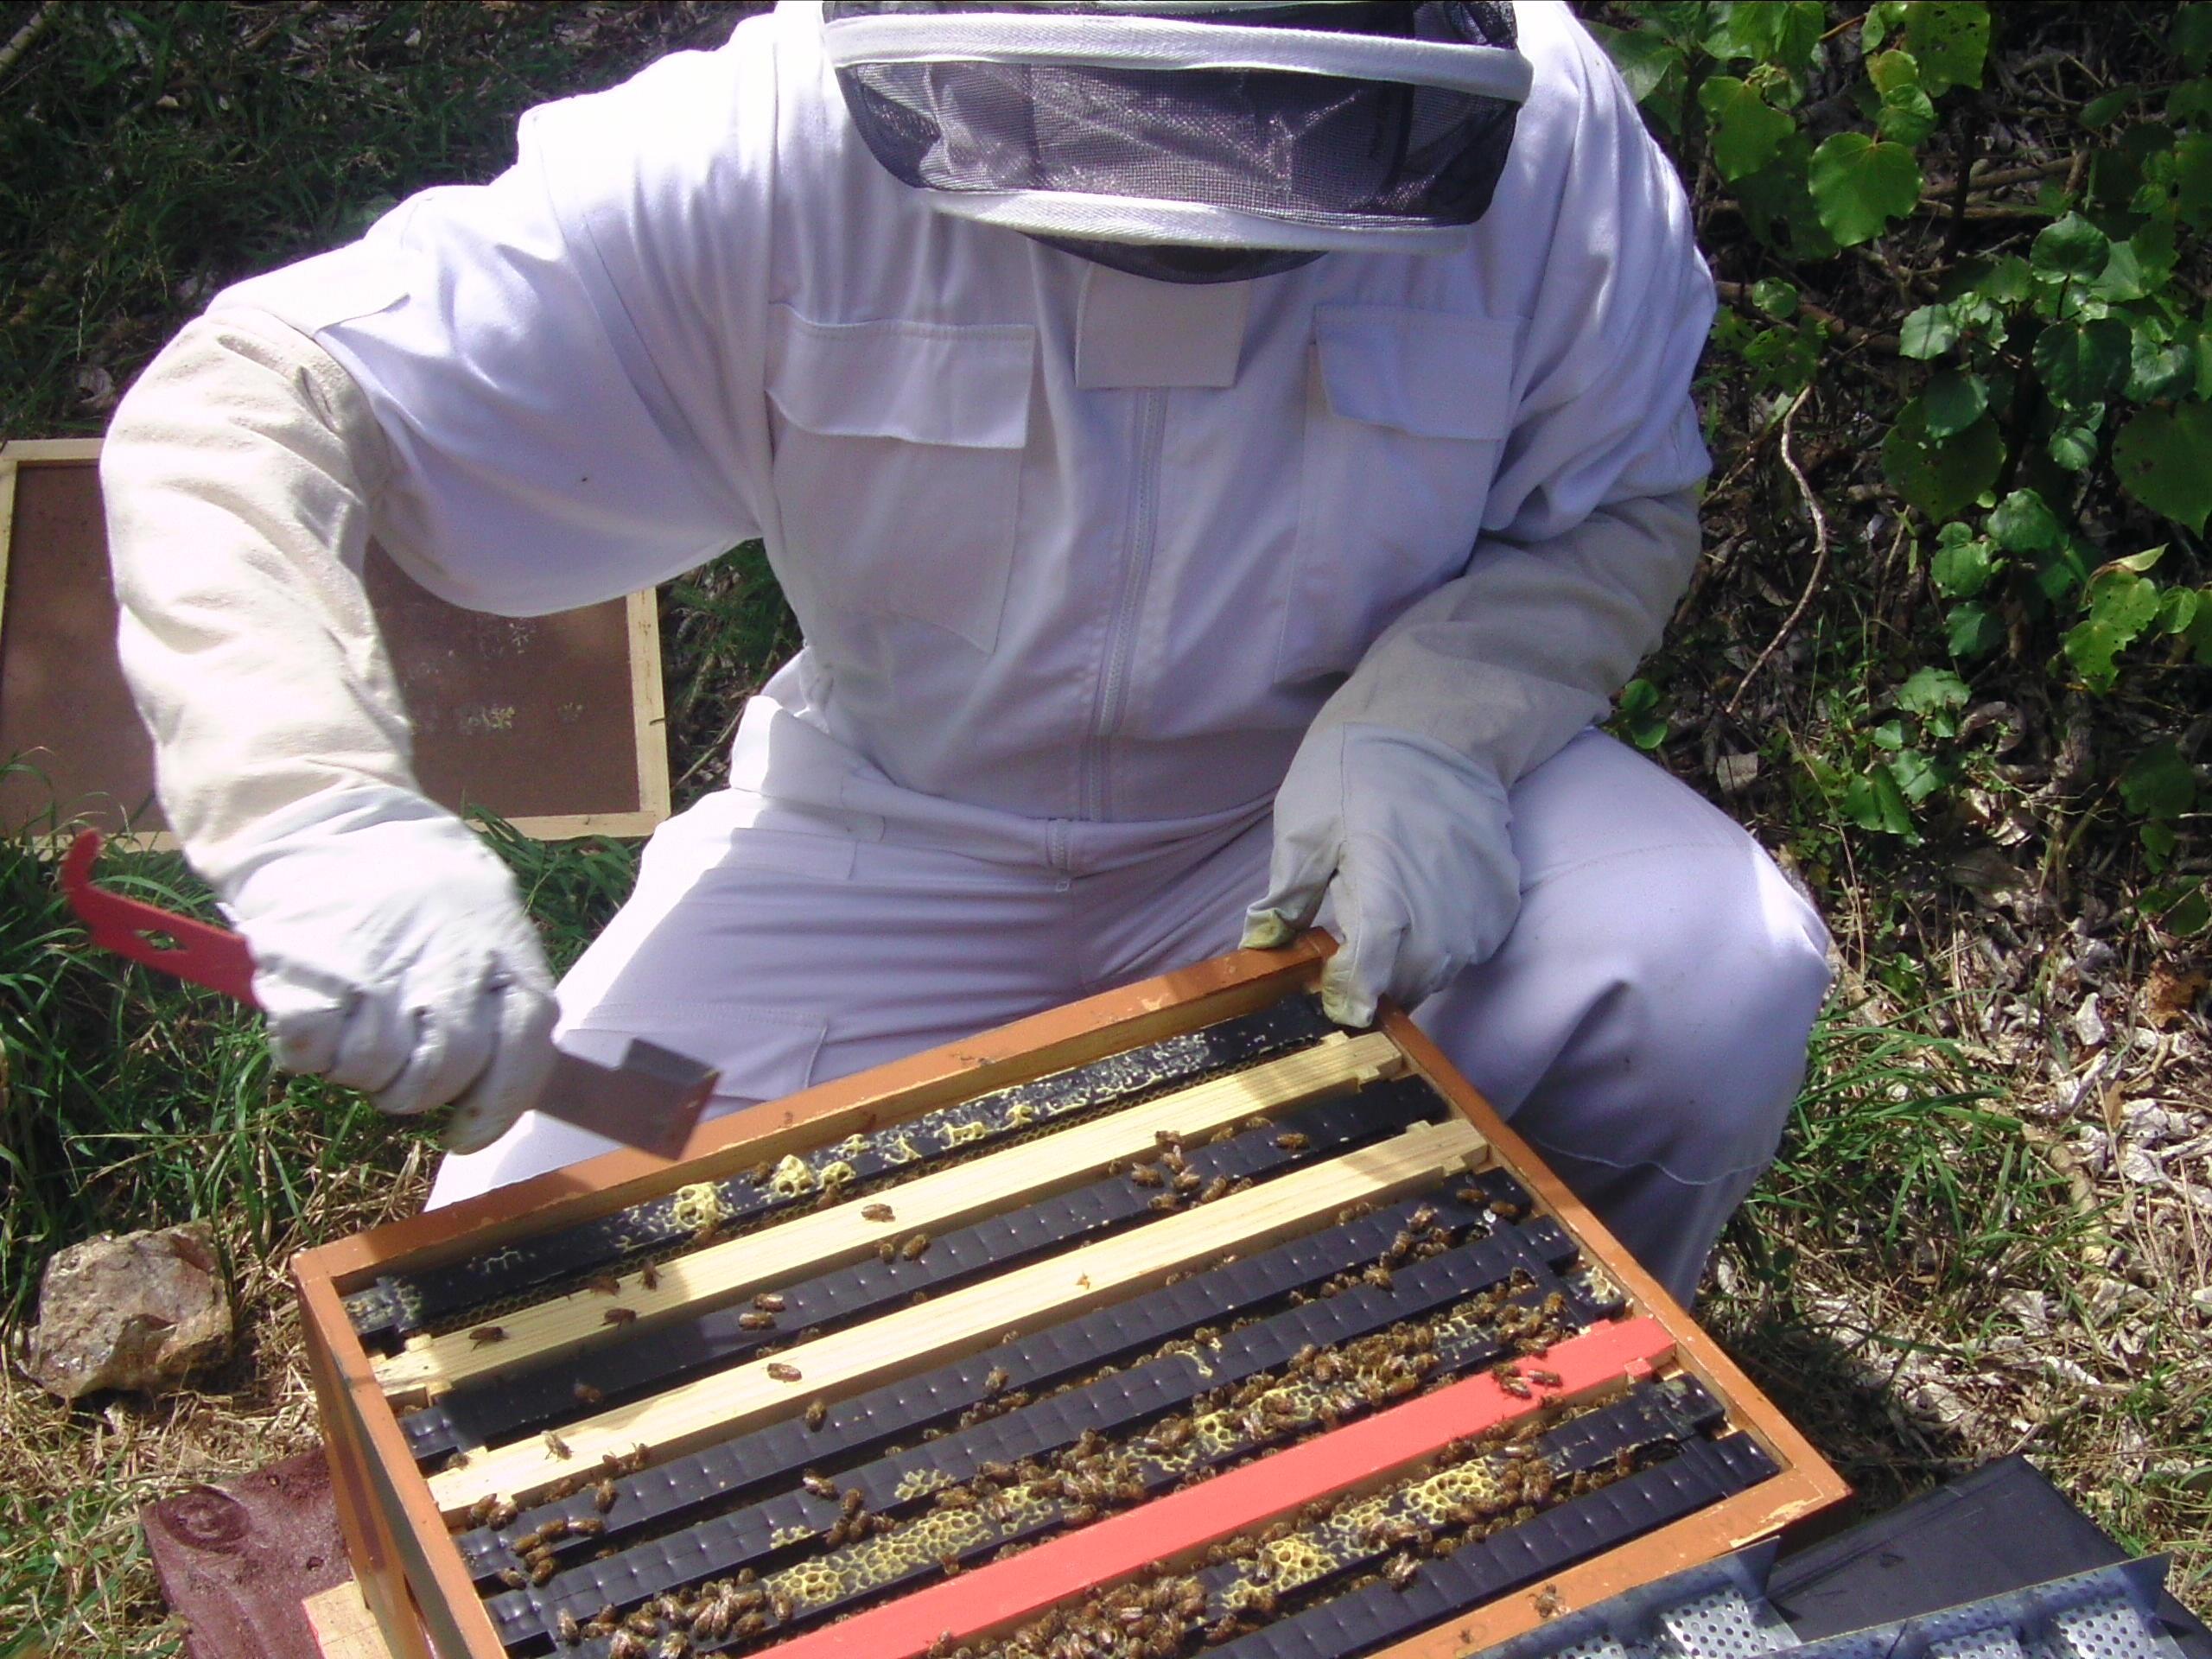 Fotos gratis : miel, insecto, marco, ropa, invertebrado, apicultor ...